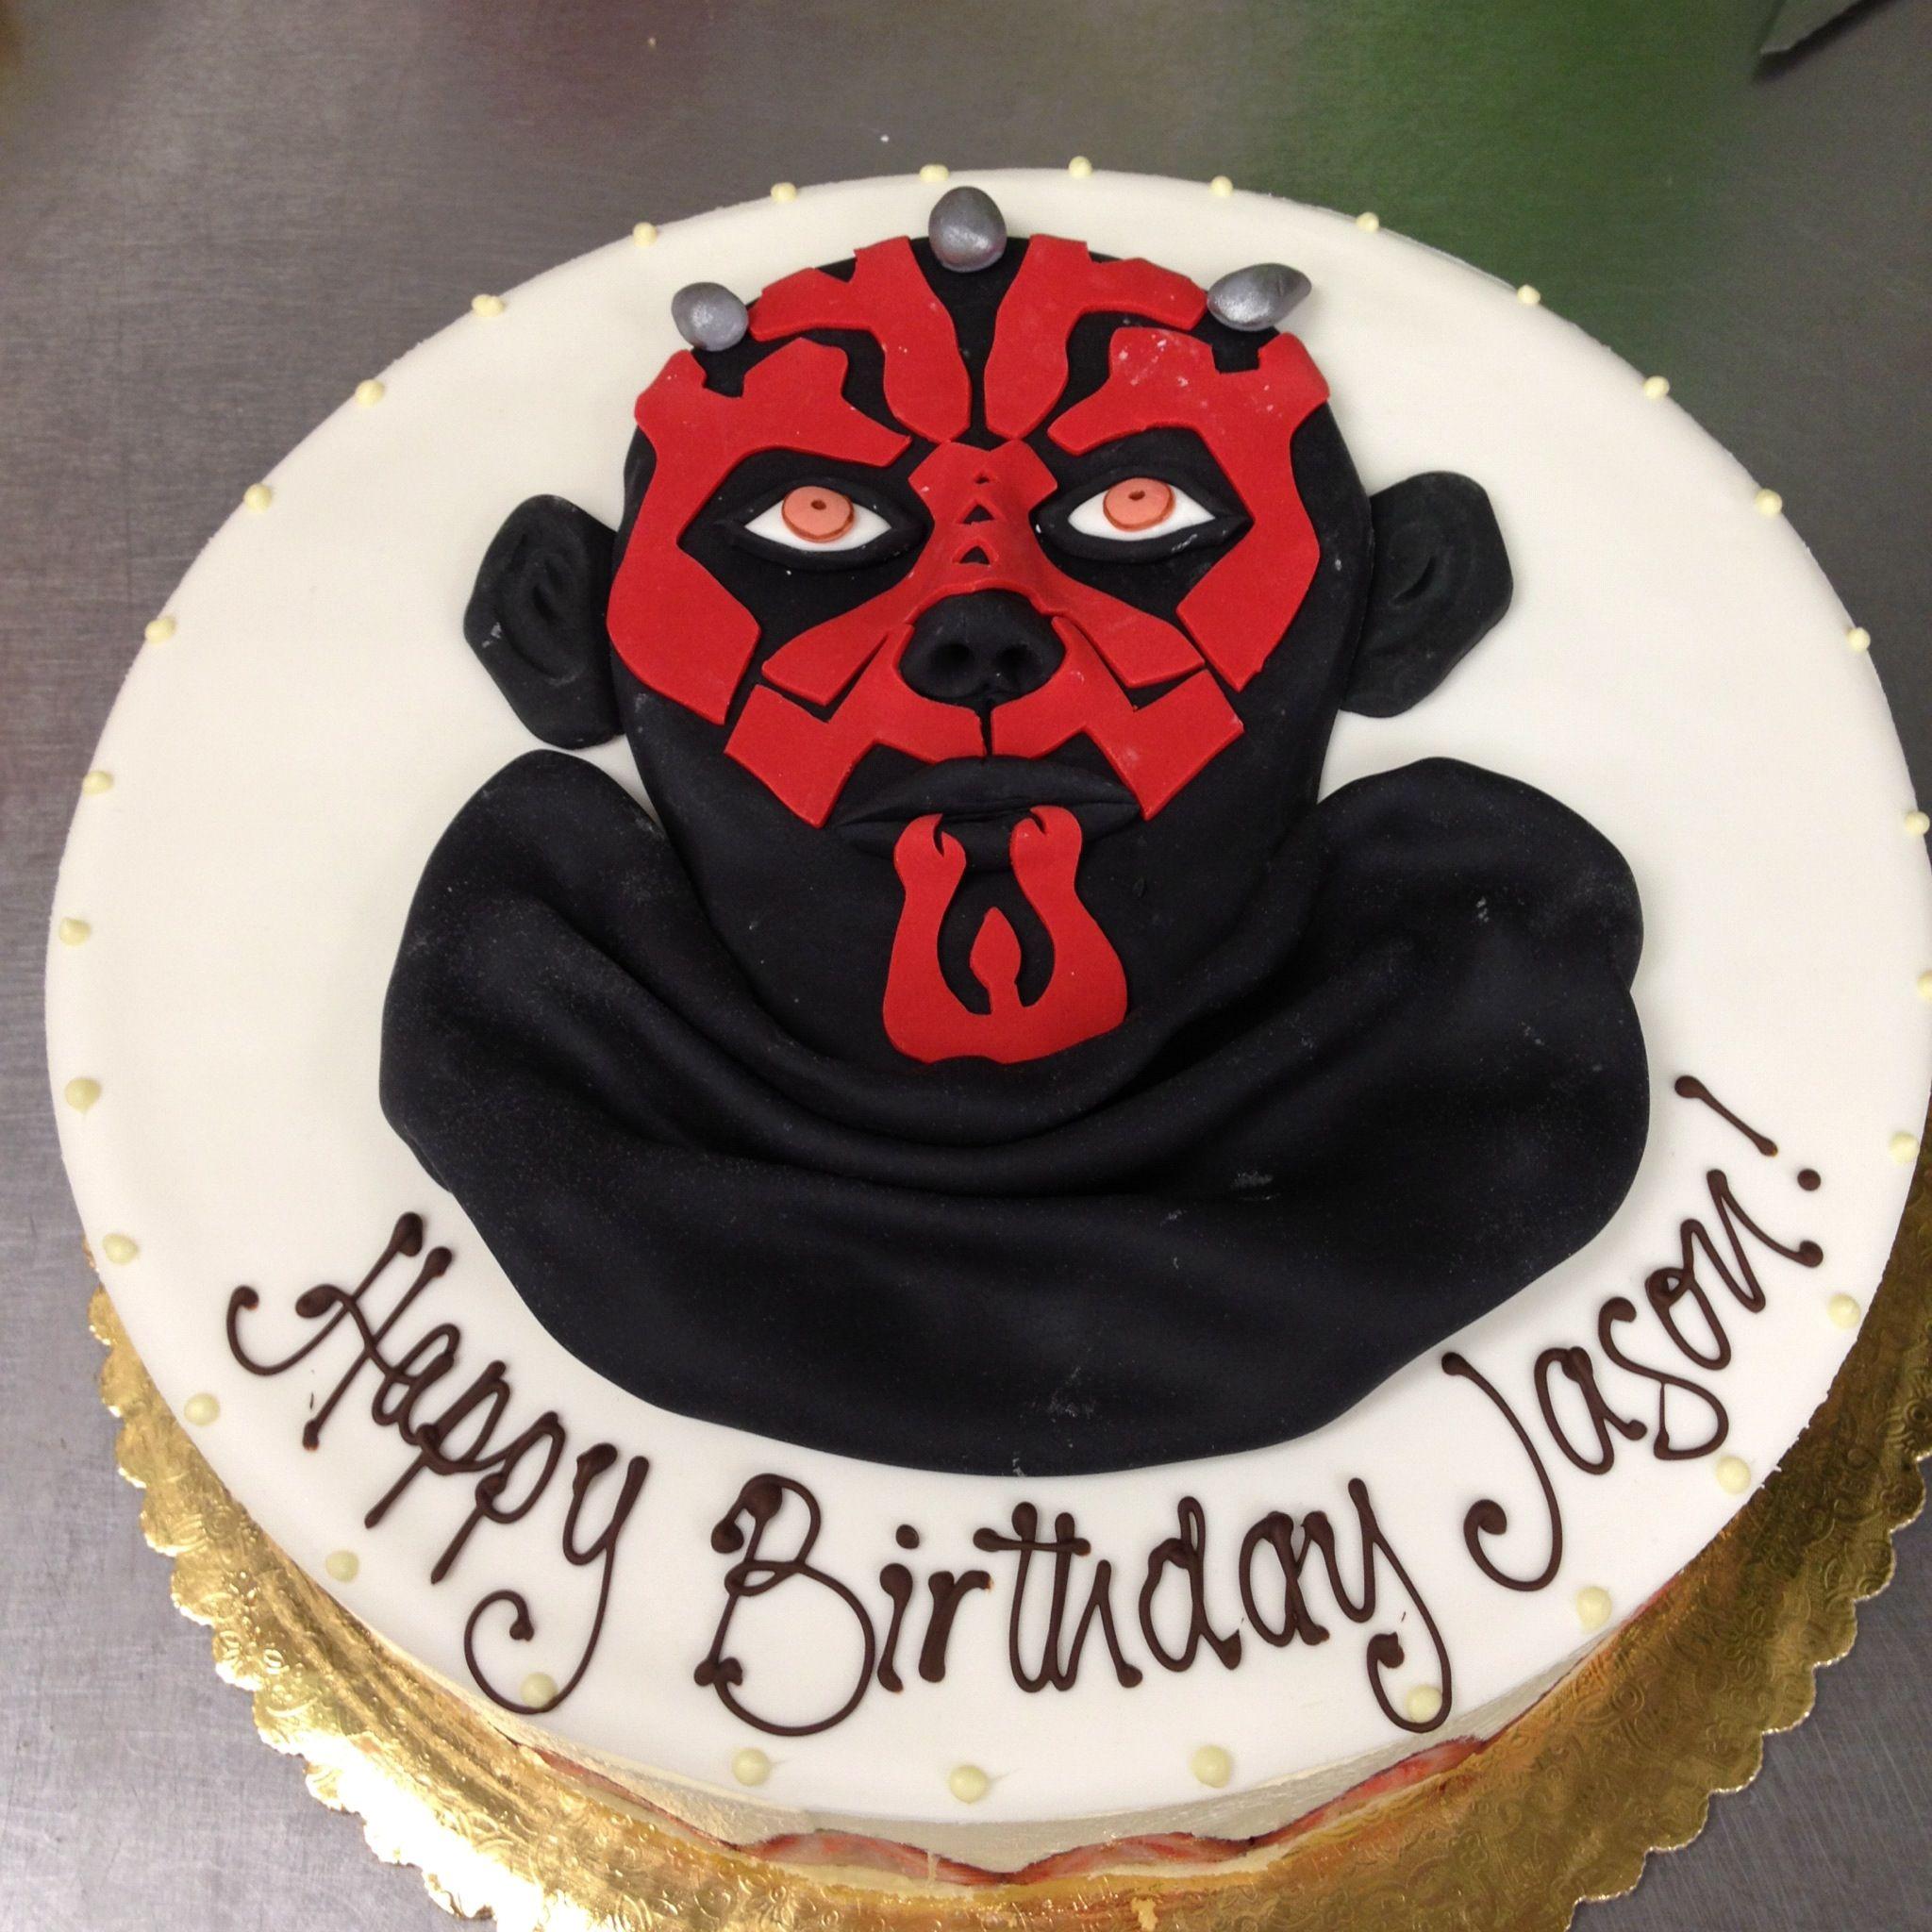 Star Wars Darth Maul Birthday Cake Cafeattila Cafe Attila